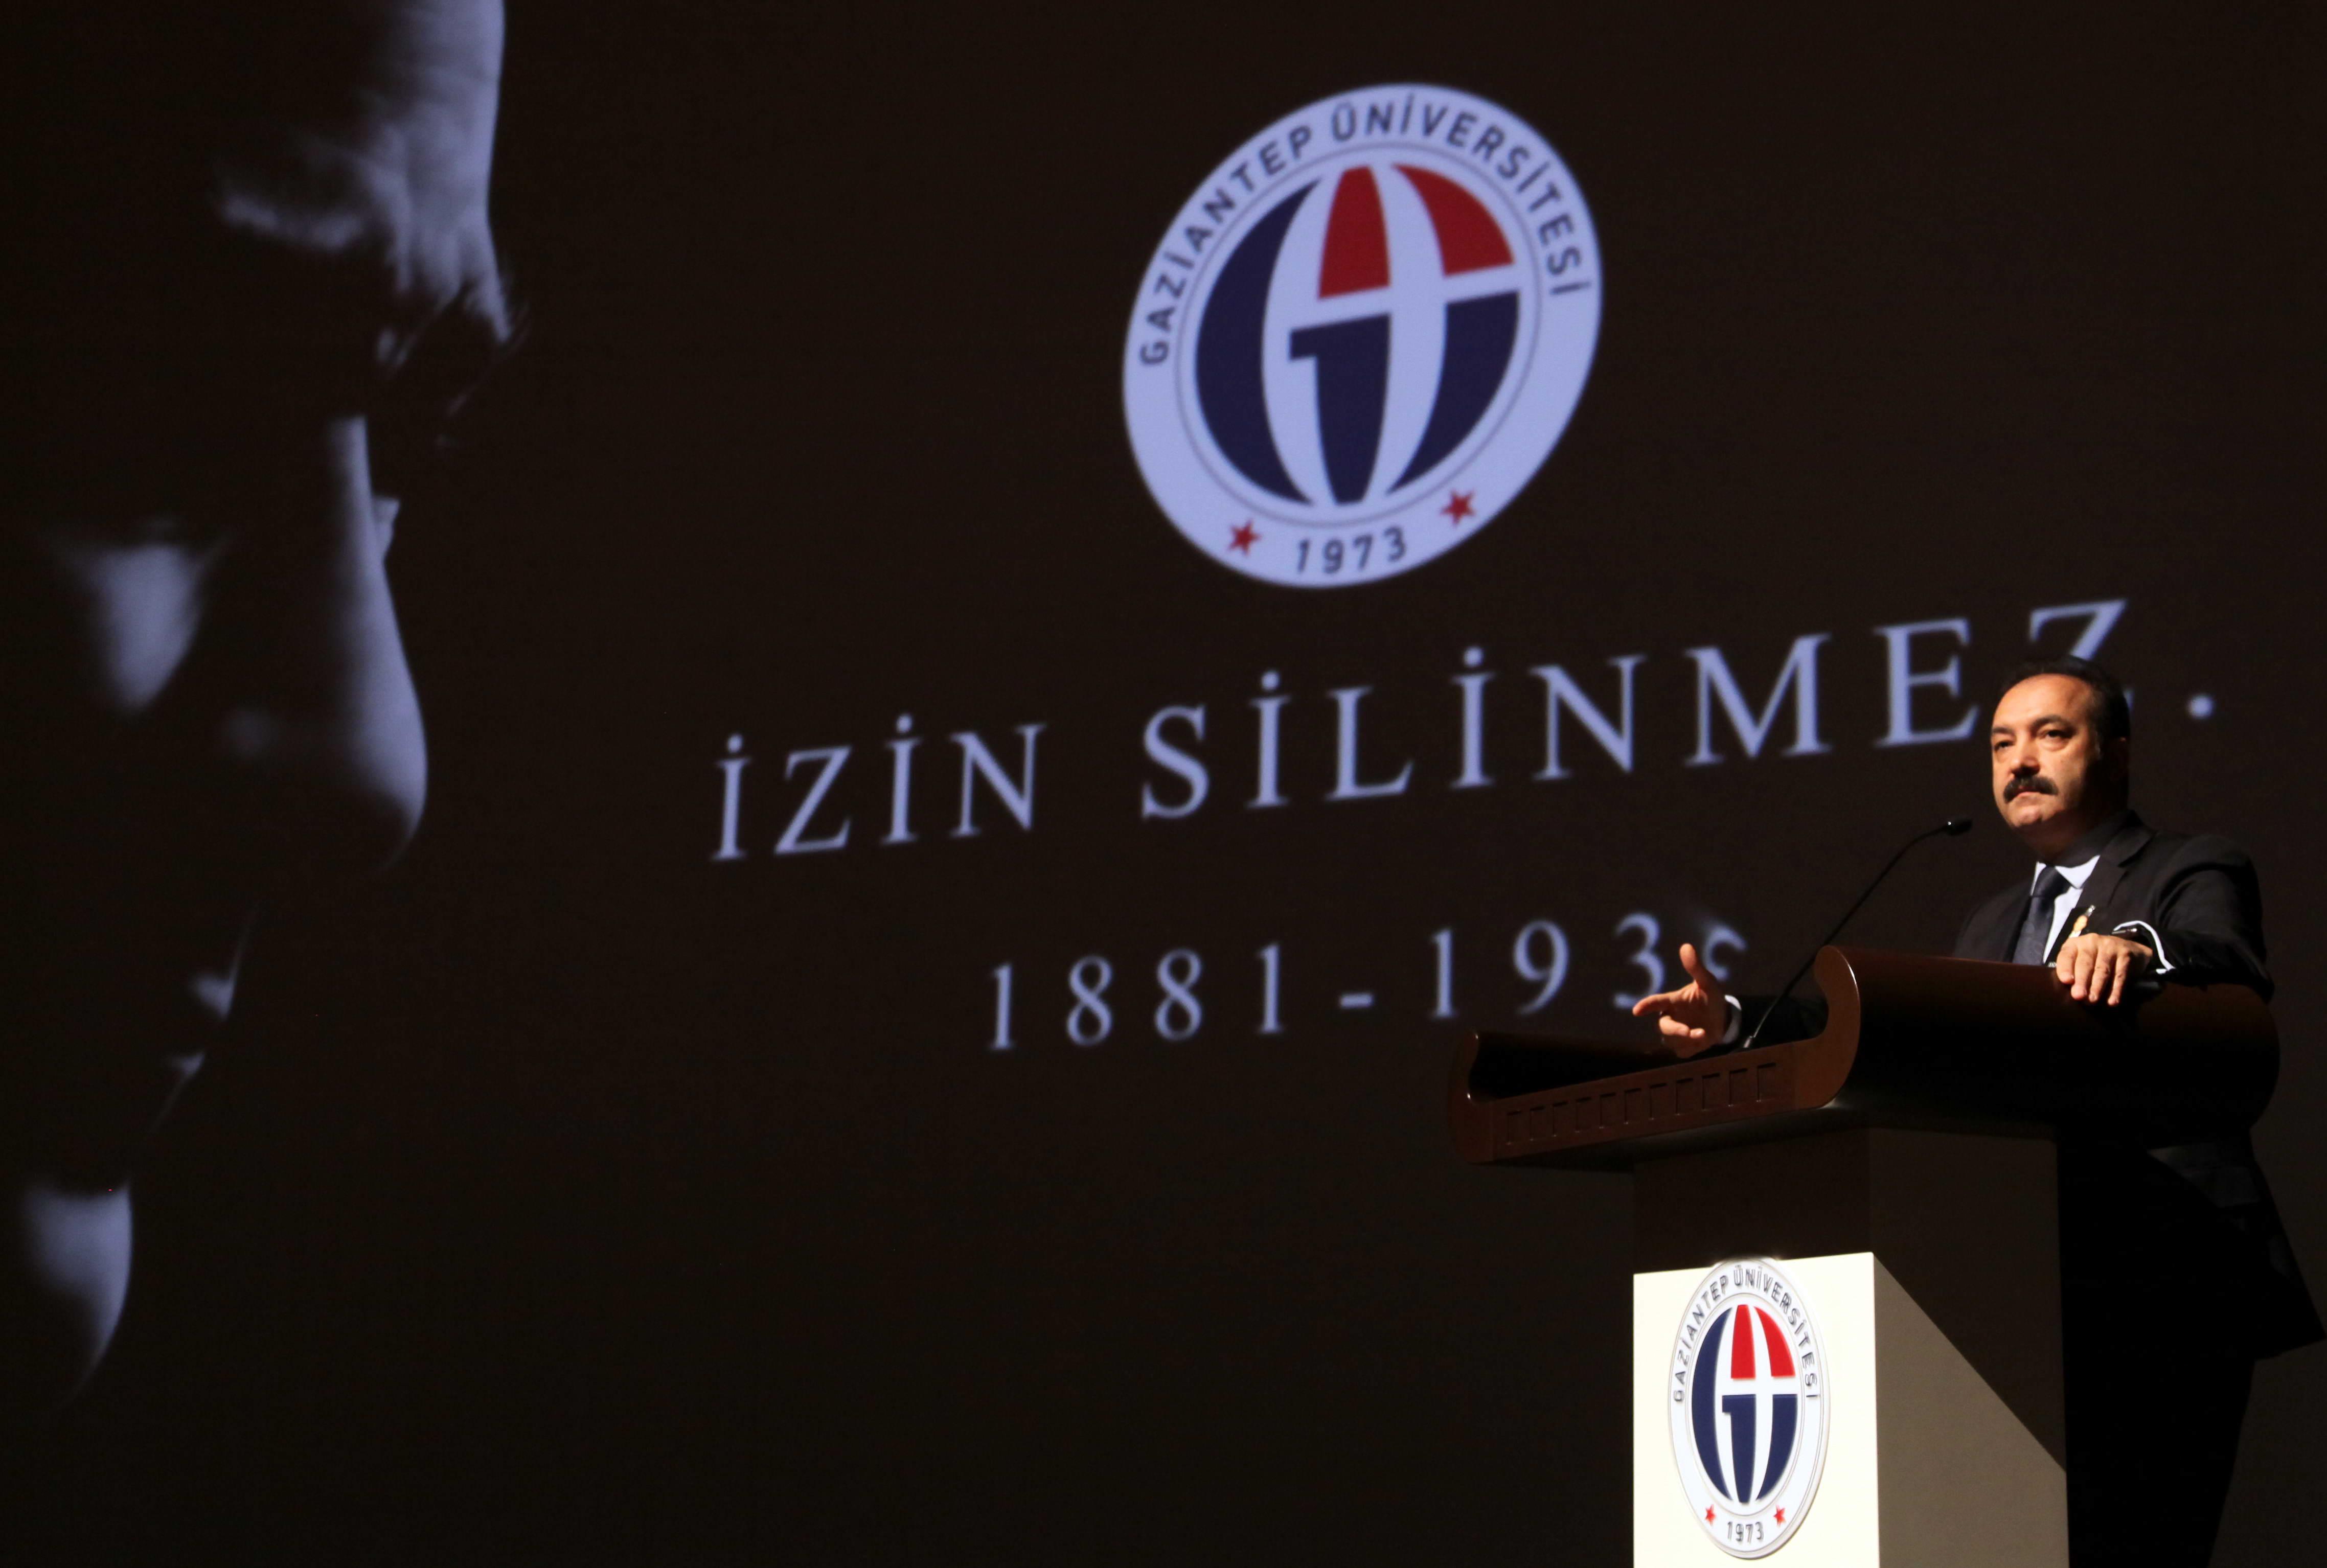 GAÜN'DE ULU ÖNDER ATATÜRK'Ü ANMA TÖRENİ -  (Prof.Dr.Ali Gür)